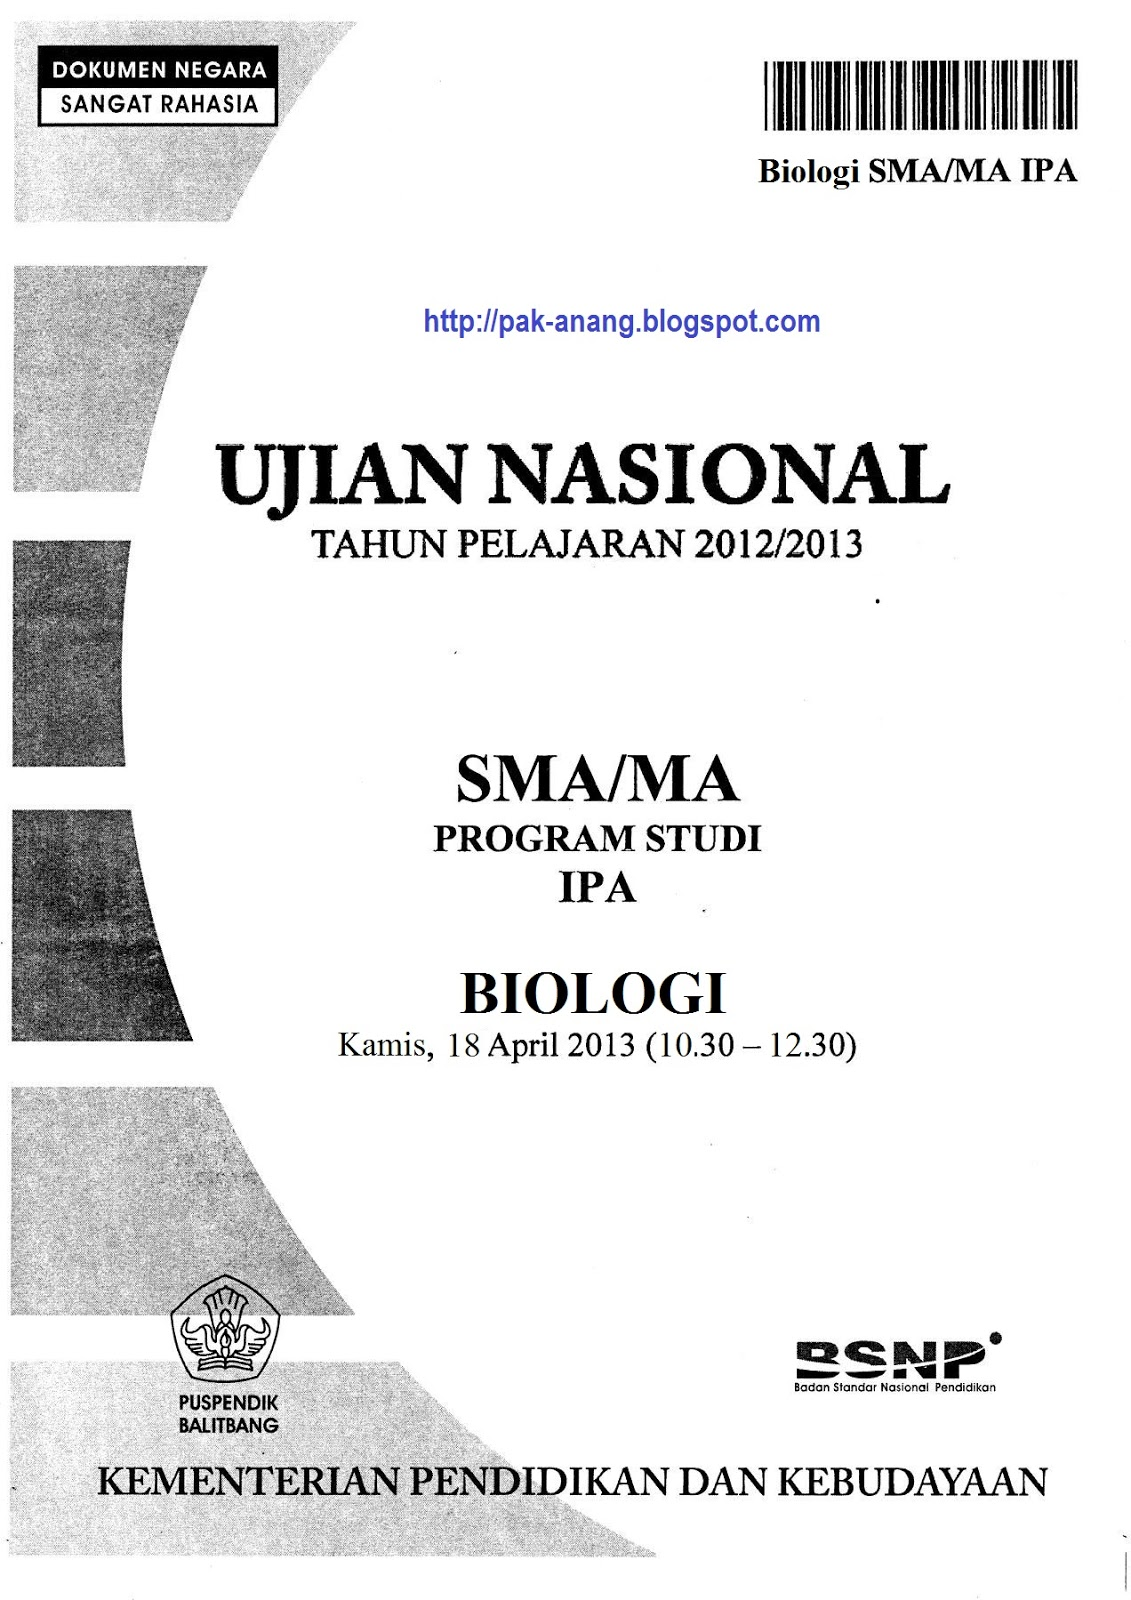 Soal Un Biologi Dan Pembahasan : biologi, pembahasan, Contoh, Biologi, Pembahasannya, Dapatkan